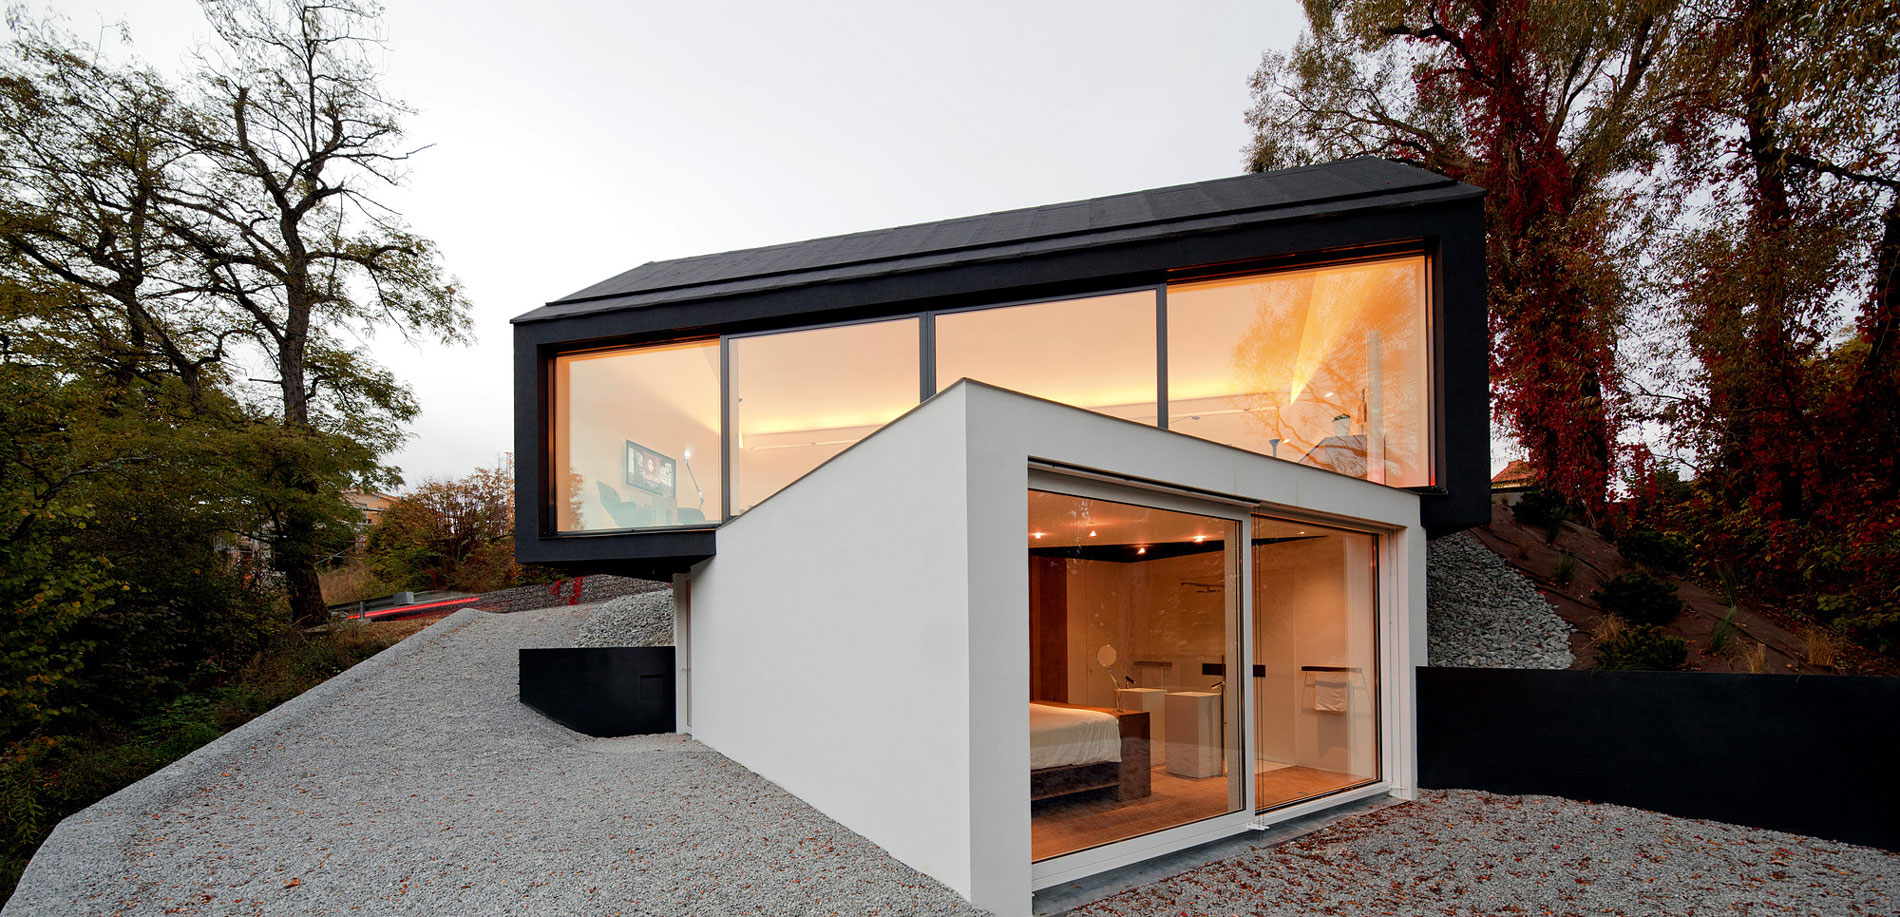 Studio House by fabi architekten bda